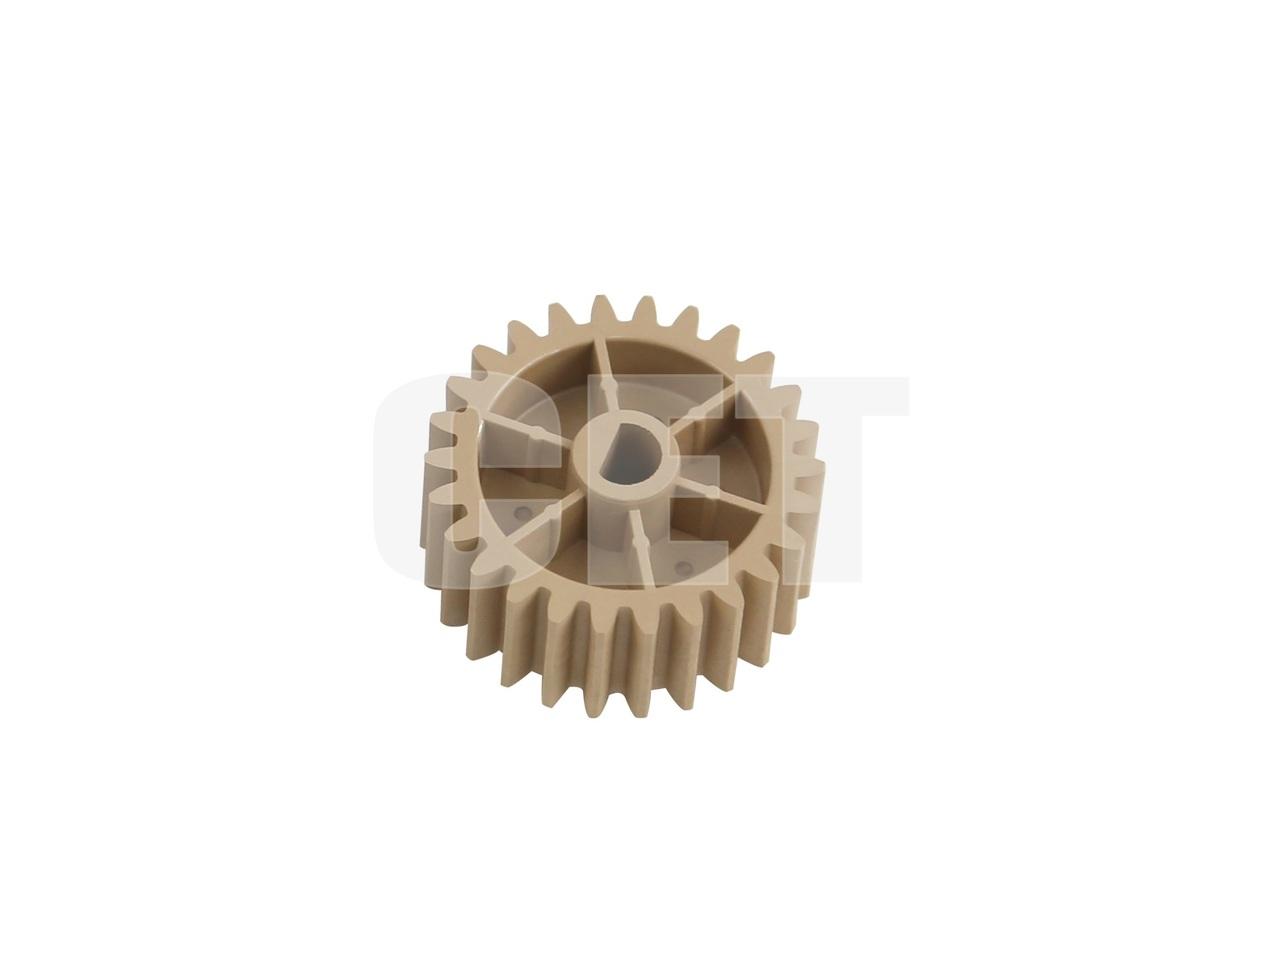 Шестерня привода резинового вала 26T для BROTHERHL-L5100DN/5000D, DCP-L5500DN, MFC-L6900DW/5700DN(CET), CET361008